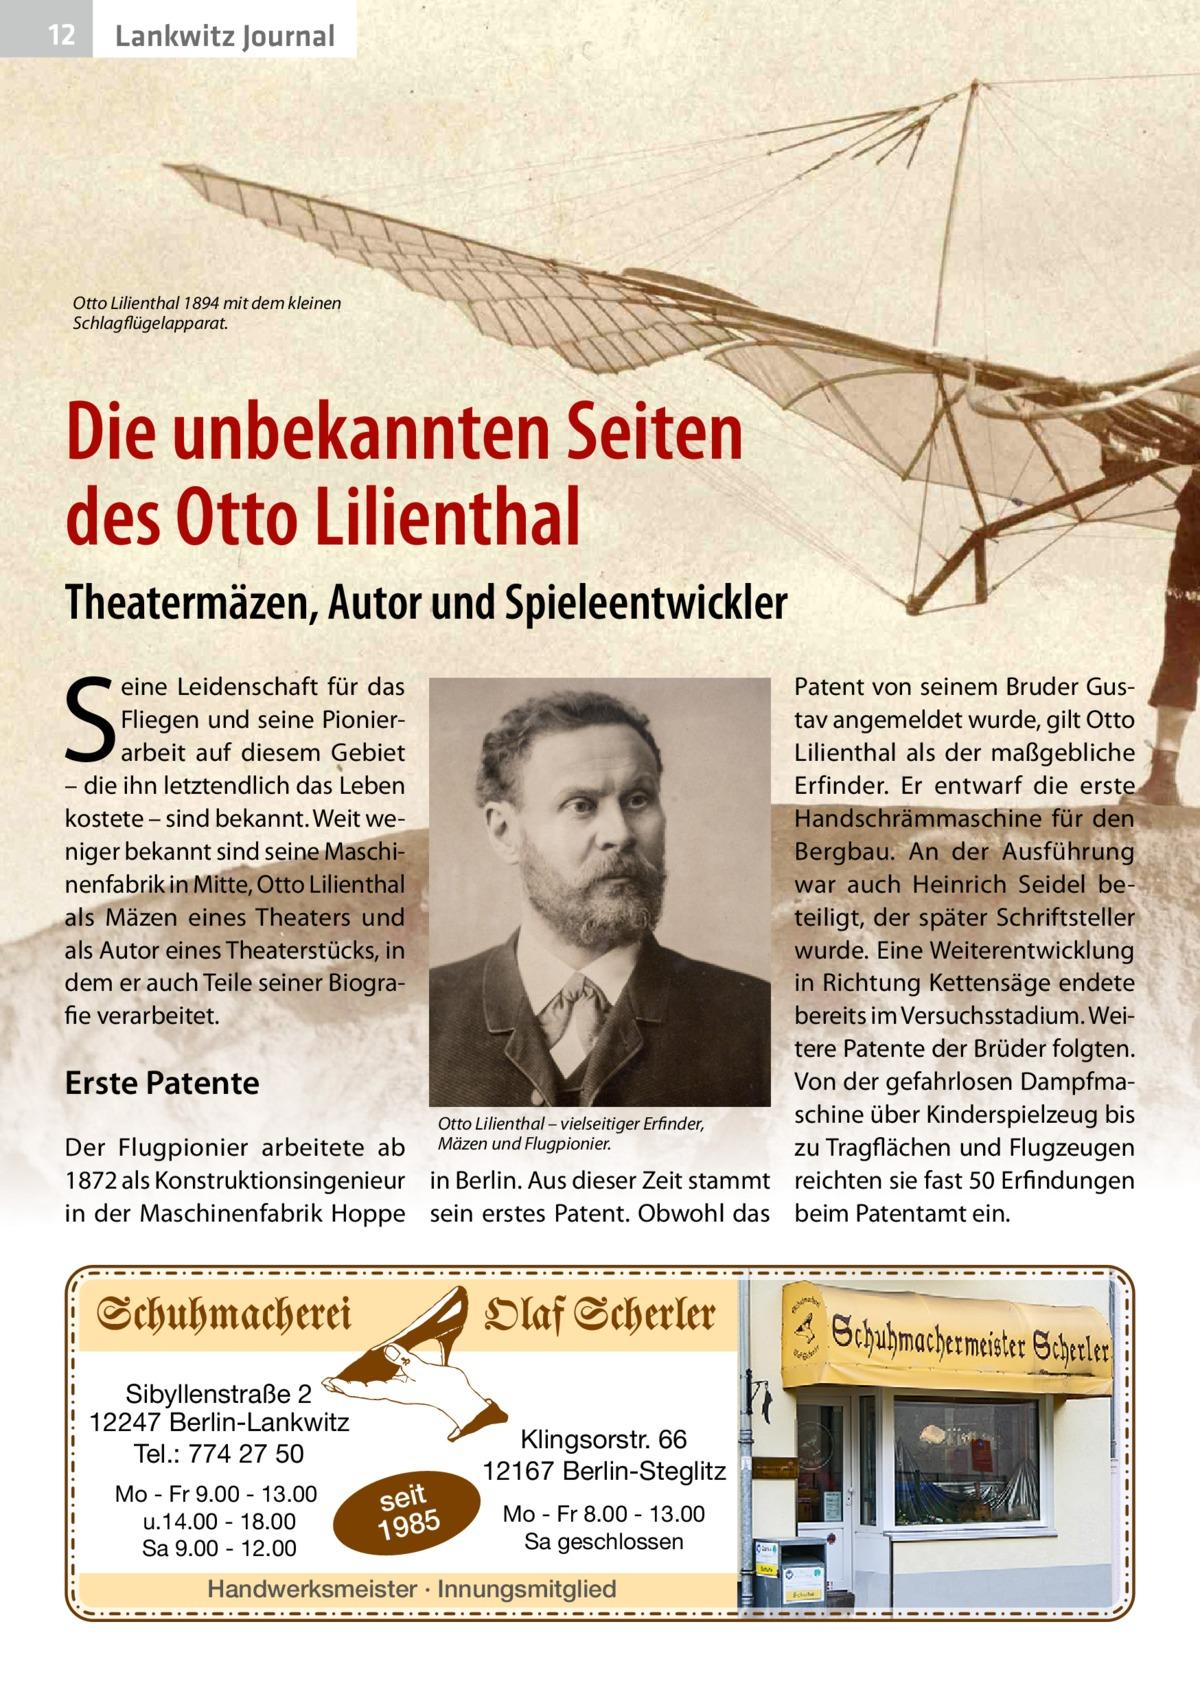 12  Lankwitz Journal  Otto Lilienthal 1894 mit dem kleinen Schlagflügelapparat.  Die unbekannten Seiten des Otto Lilienthal Theatermäzen, Autor und Spieleentwickler  S  eine Leidenschaft für das Fliegen und seine Pionierarbeit auf diesem Gebiet – die ihn letztendlich das Leben kostete – sind bekannt. Weit weniger bekannt sind seine Maschinenfabrik in Mitte, Otto Lilienthal als Mäzen eines Theaters und als Autor eines Theaterstücks, in dem er auch Teile seiner Biografie verarbeitet.  Patent von seinem Bruder Gustav angemeldet wurde, gilt Otto Lilienthal als der maßgebliche Erfinder. Er entwarf die erste Handschrämmaschine für den Bergbau. An der Ausführung war auch Heinrich Seidel beteiligt, der später Schriftsteller wurde. Eine Weiterentwicklung in Richtung Kettensäge endete bereits im Versuchsstadium. Weitere Patente der Brüder folgten. Von der gefahrlosen DampfmaErste Patente schine über Kinderspielzeug bis Otto Lilienthal – vielseitiger Erfinder, Der Flugpionier arbeitete ab Mäzen und Flugpionier. zu Tragflächen und Flugzeugen 1872 als Konstruktionsingenieur in Berlin. Aus dieser Zeit stammt reichten sie fast 50Erfindungen in der Maschinenfabrik Hoppe sein erstes Patent. Obwohl das beim Patentamt ein.  Sibyllenstraße 2 12247 Berlin-Lankwitz Tel.: 774 27 50 Mo - Fr 9.00 - 13.00 u.14.00 - 18.00 Sa 9.00 - 12.00  seit 1985  Klingsorstr. 66 12167 Berlin-Steglitz Mo - Fr 8.00 - 13.00 Sa geschlossen  Handwerksmeister · Innungsmitglied